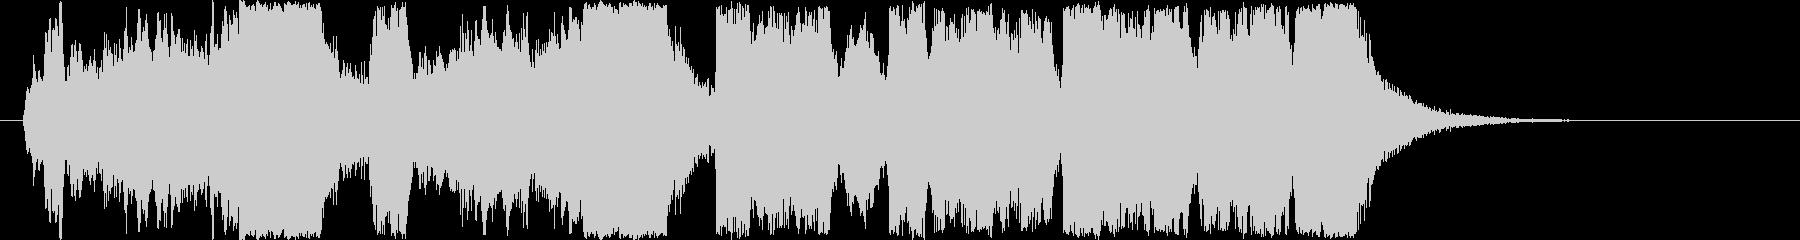 競馬風ファンファーレジングルの未再生の波形